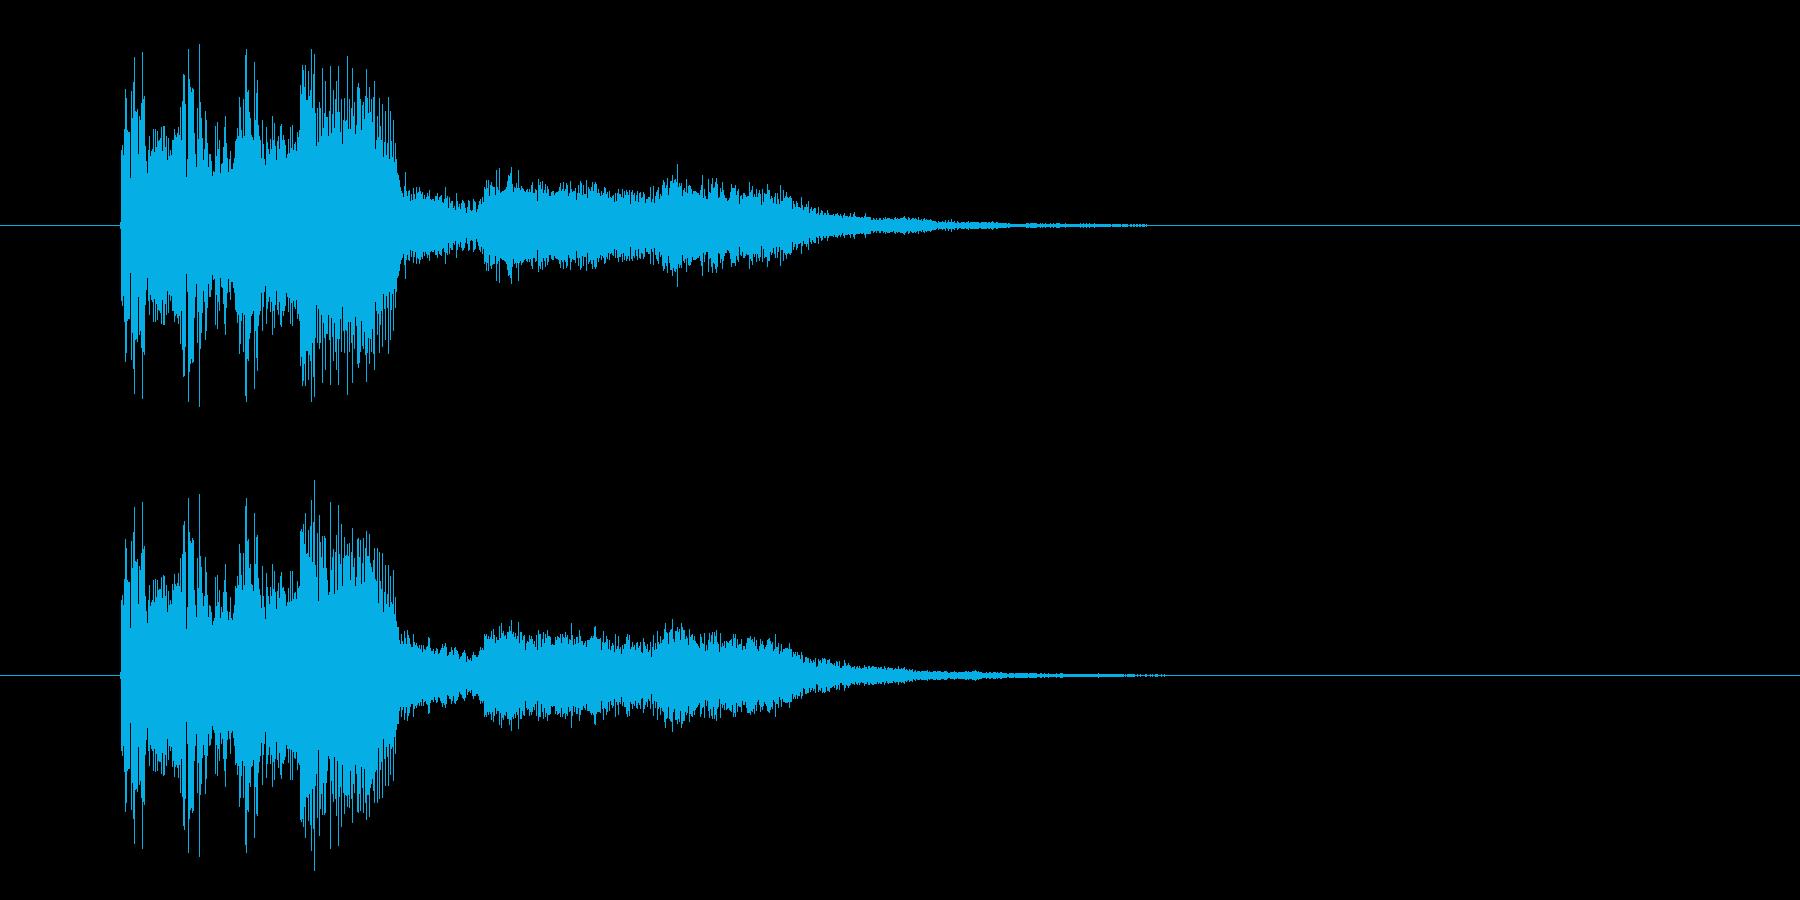 激しく疾走感のあるかっこいい音楽の再生済みの波形